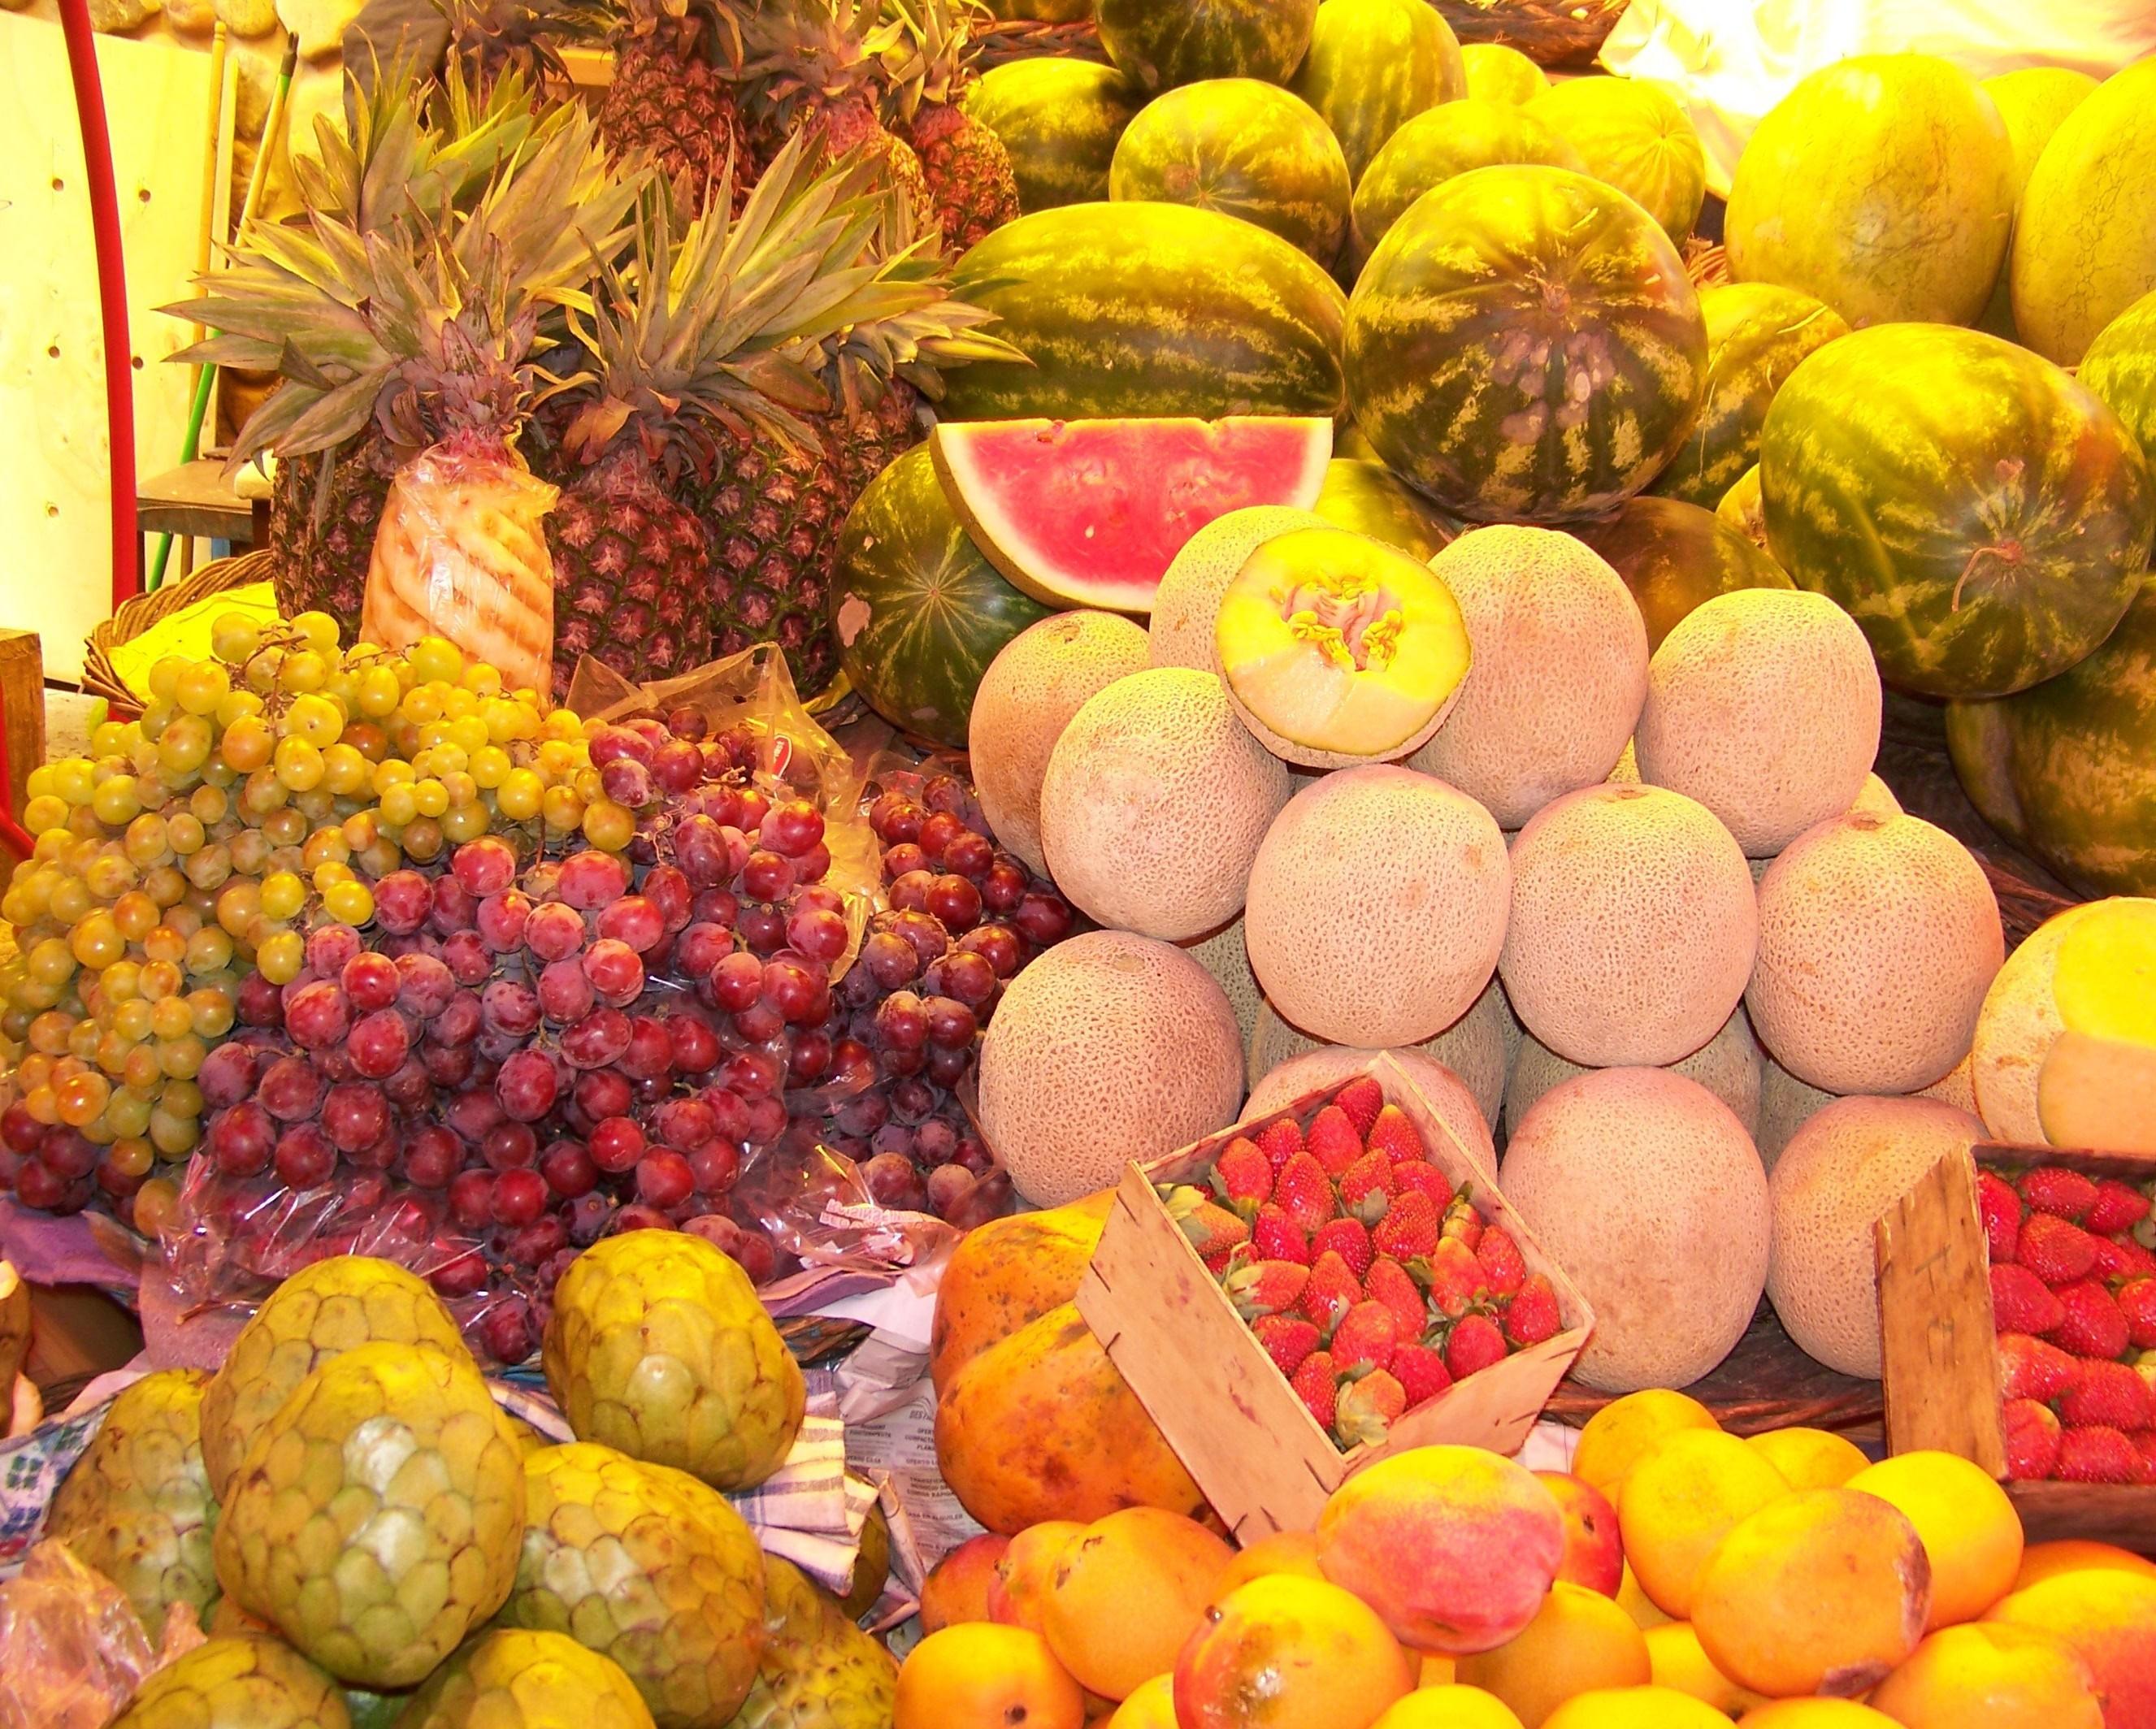 Descubre el auténtico sabor andino en el Mercado Campesino de Sucre - Bolivia Gran Viaje Bolivia Increíble